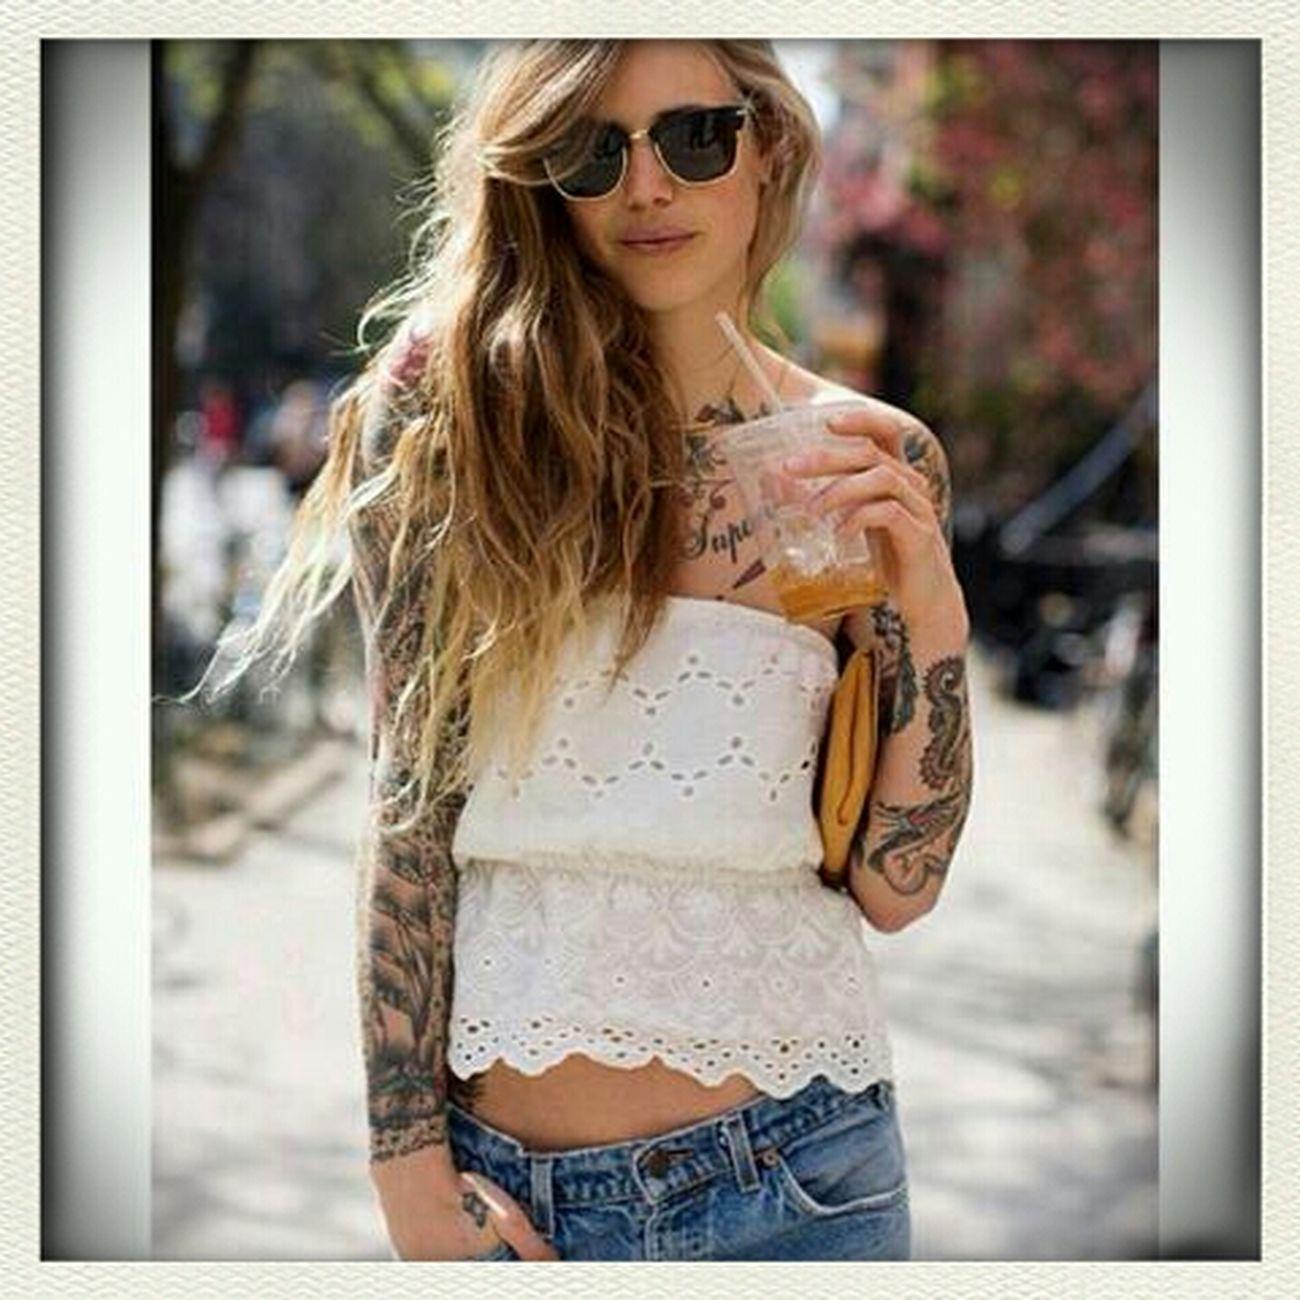 Tattoo ❤ Lesbian ♥ Life *-* Love ♥